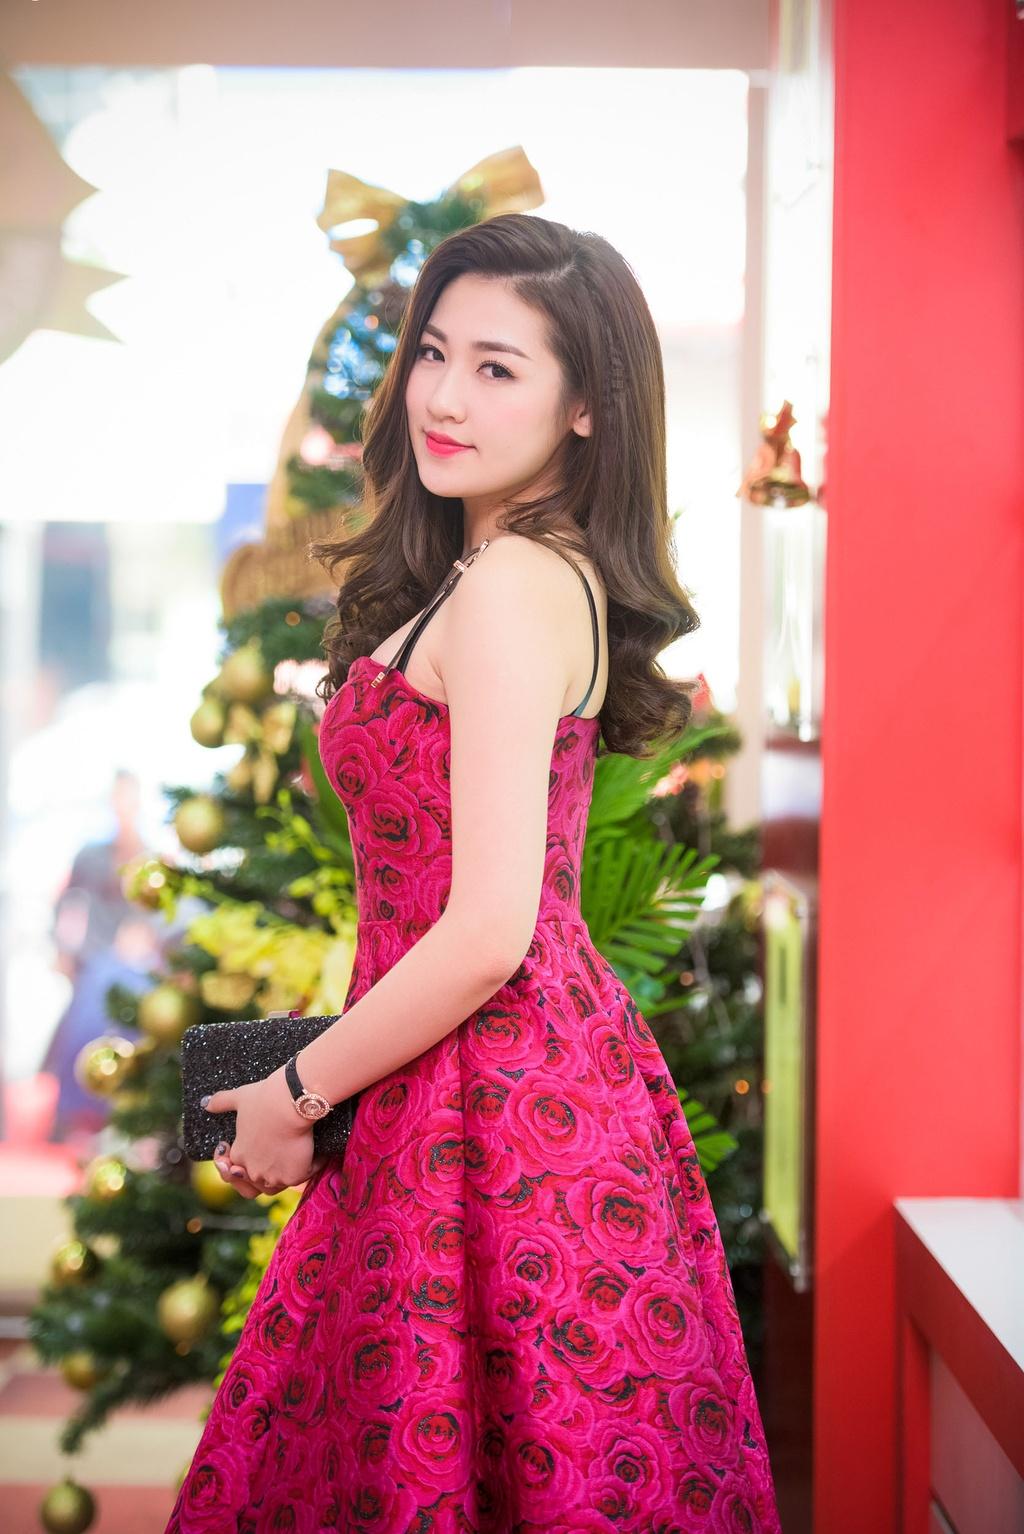 Ngoc Han - Tu Anh than thiet nhu chi em hinh anh 5